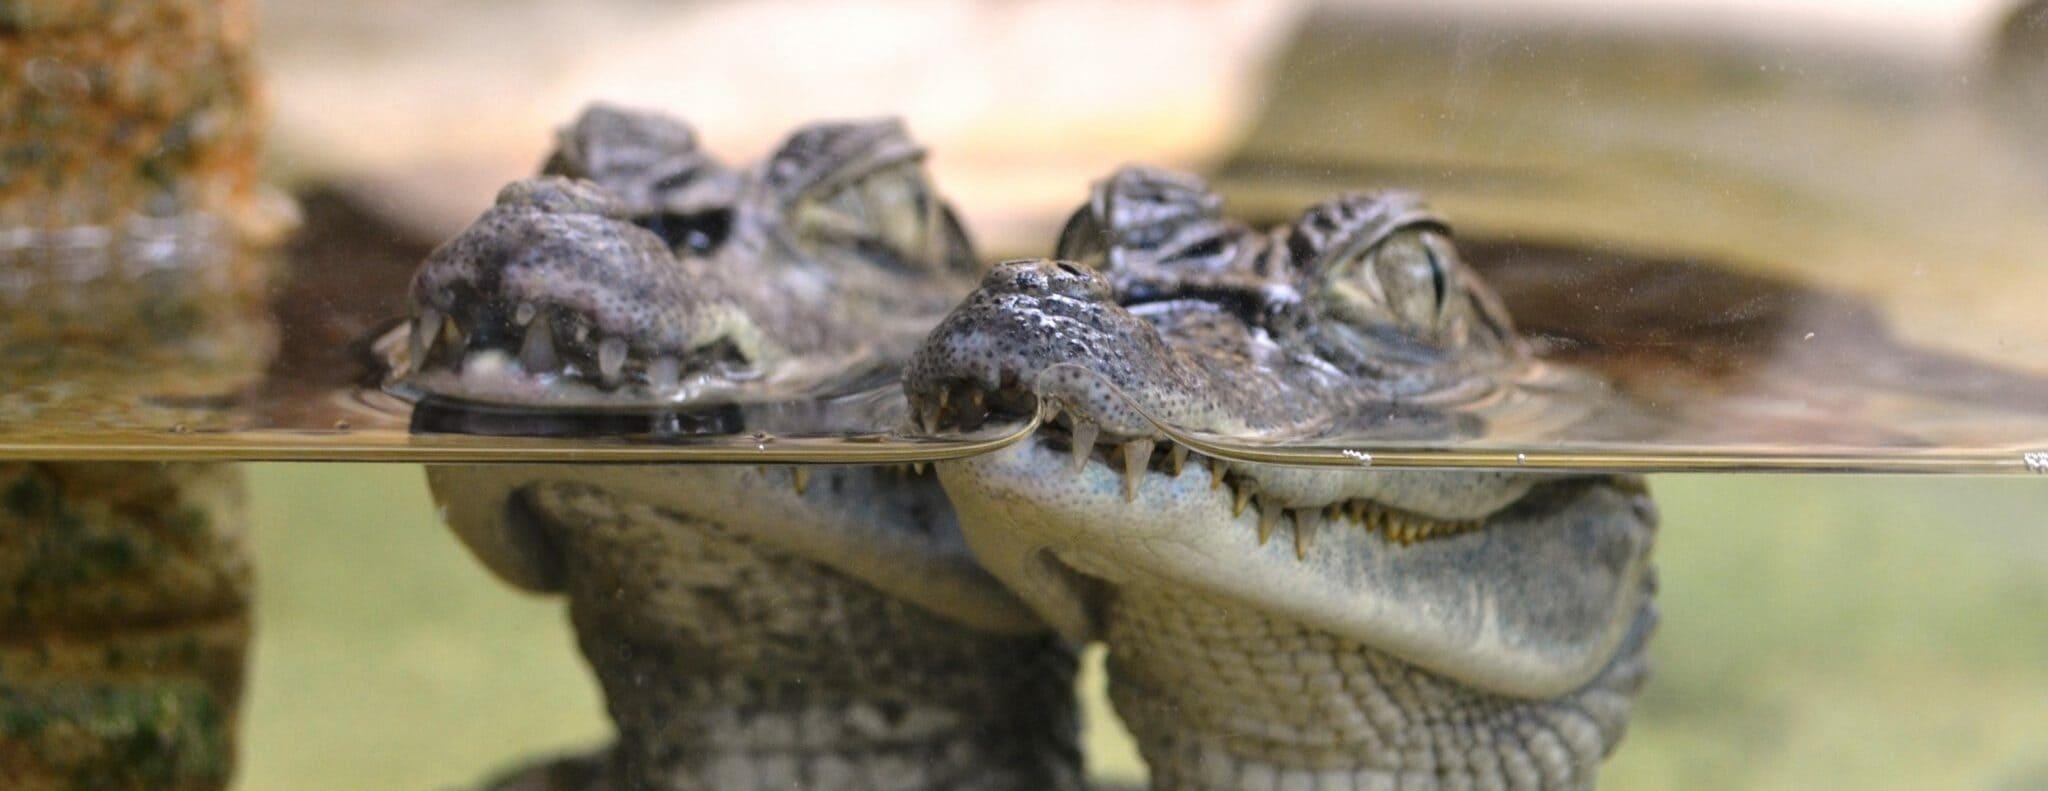 La ferme aux crocodiles de Pierrelatte